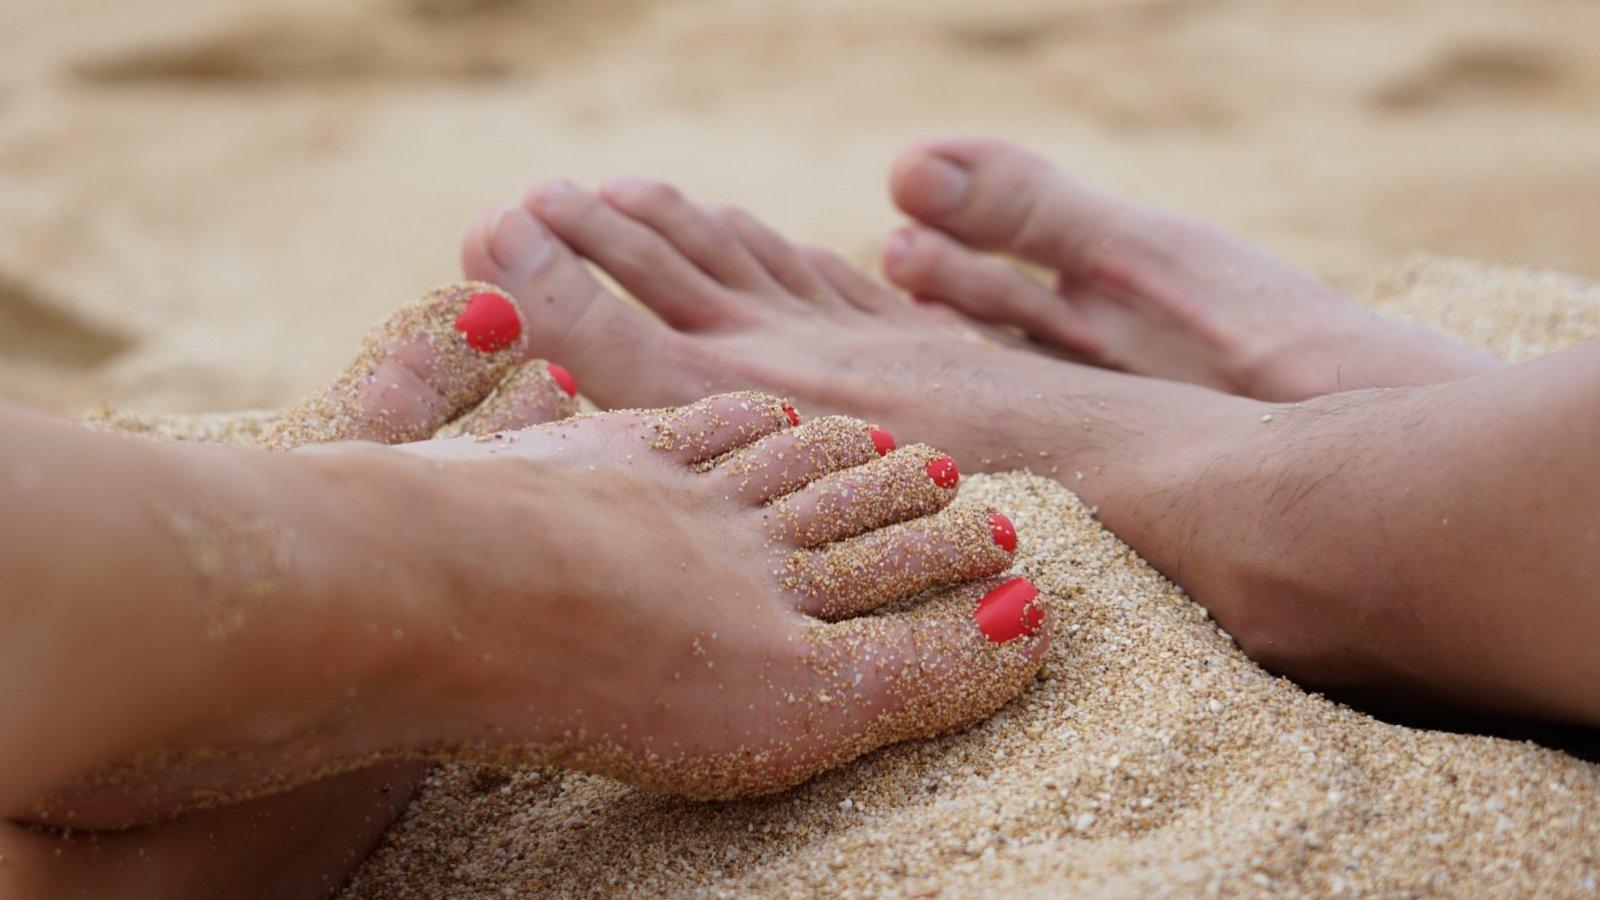 Para lucir unos pies bonitos en verano debes cuidarlos a diario.